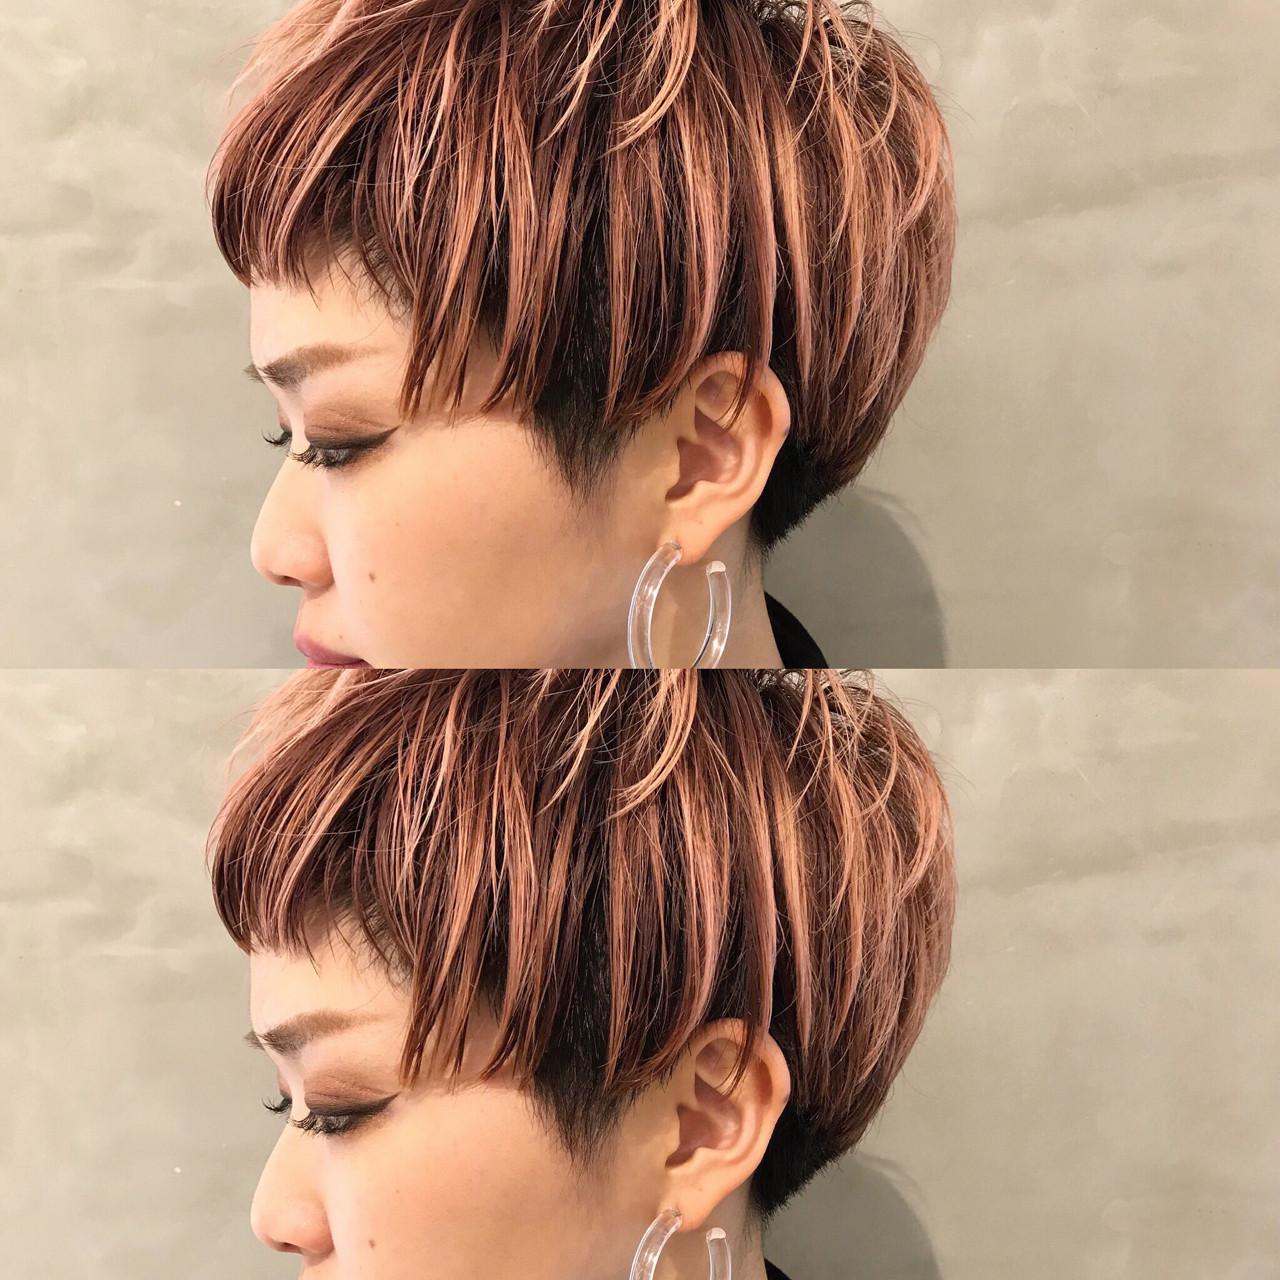 ベビーピンクと黒髪の組み合わせがクール 永島 稔久Salon ryu